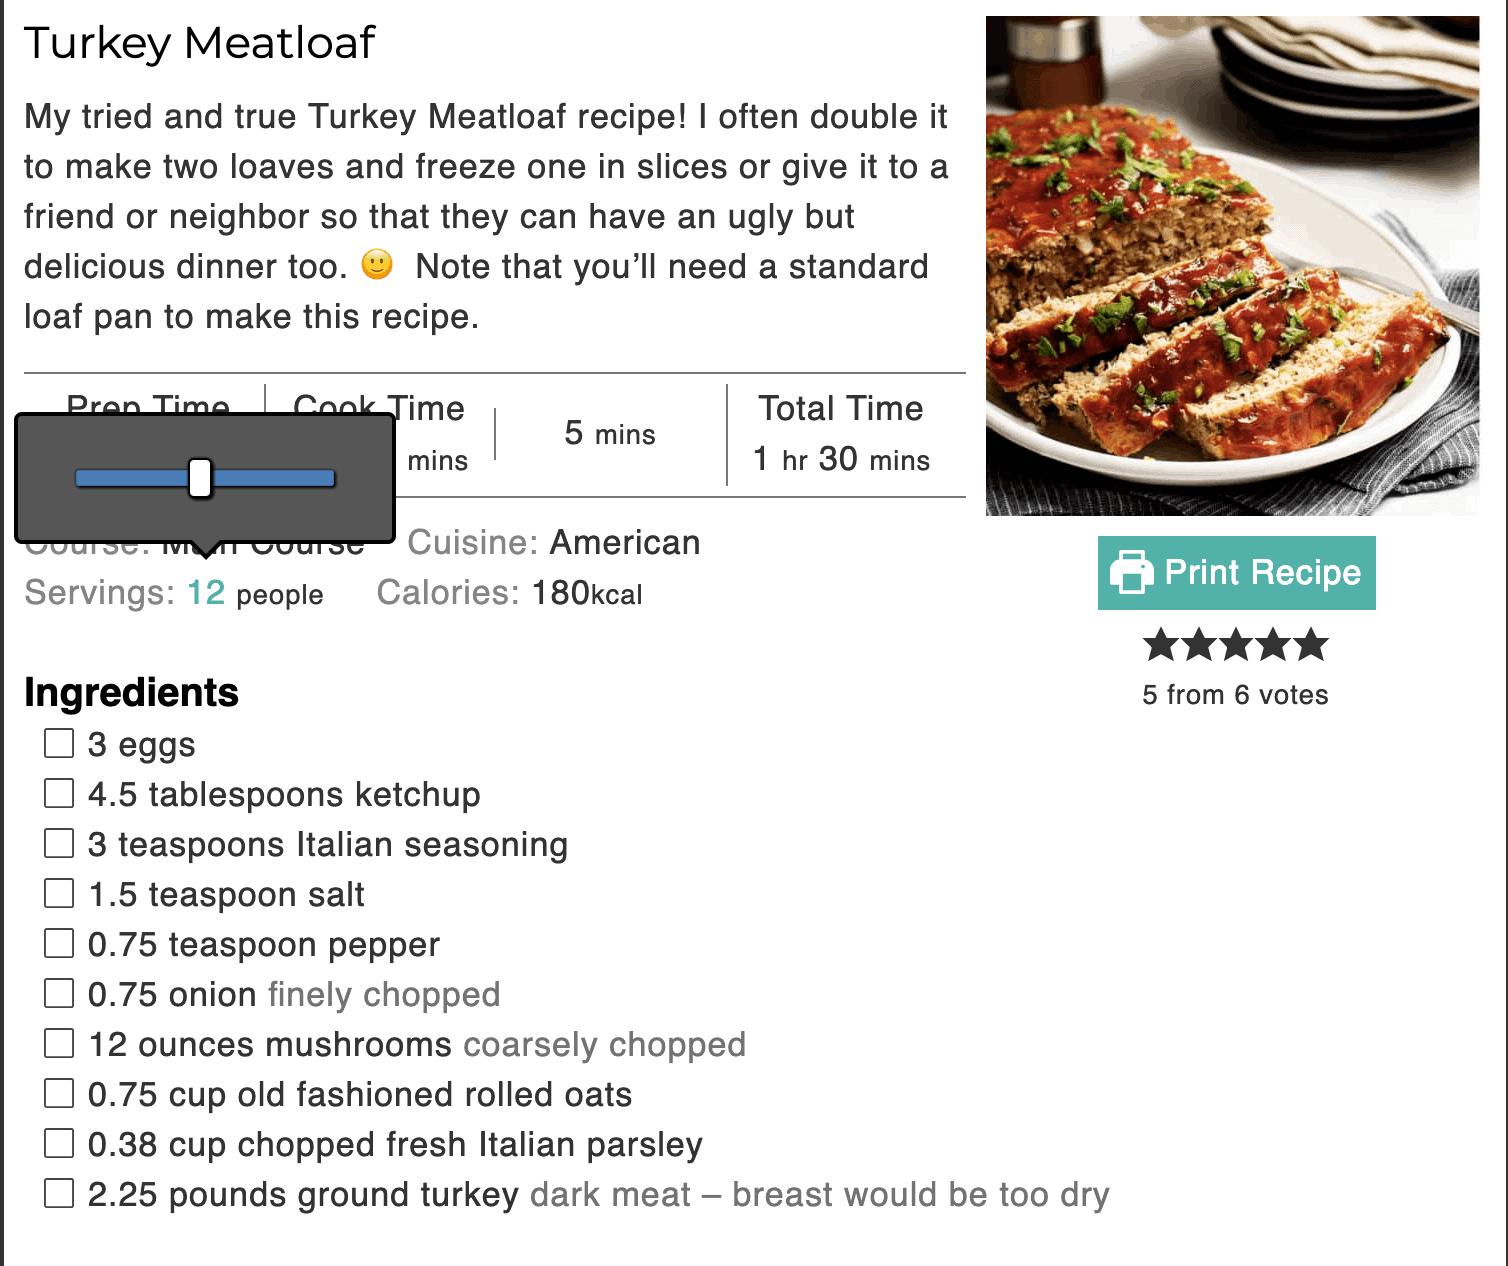 Turkey Meatloaf ingredient amounts for 2 1-pound loaf pans